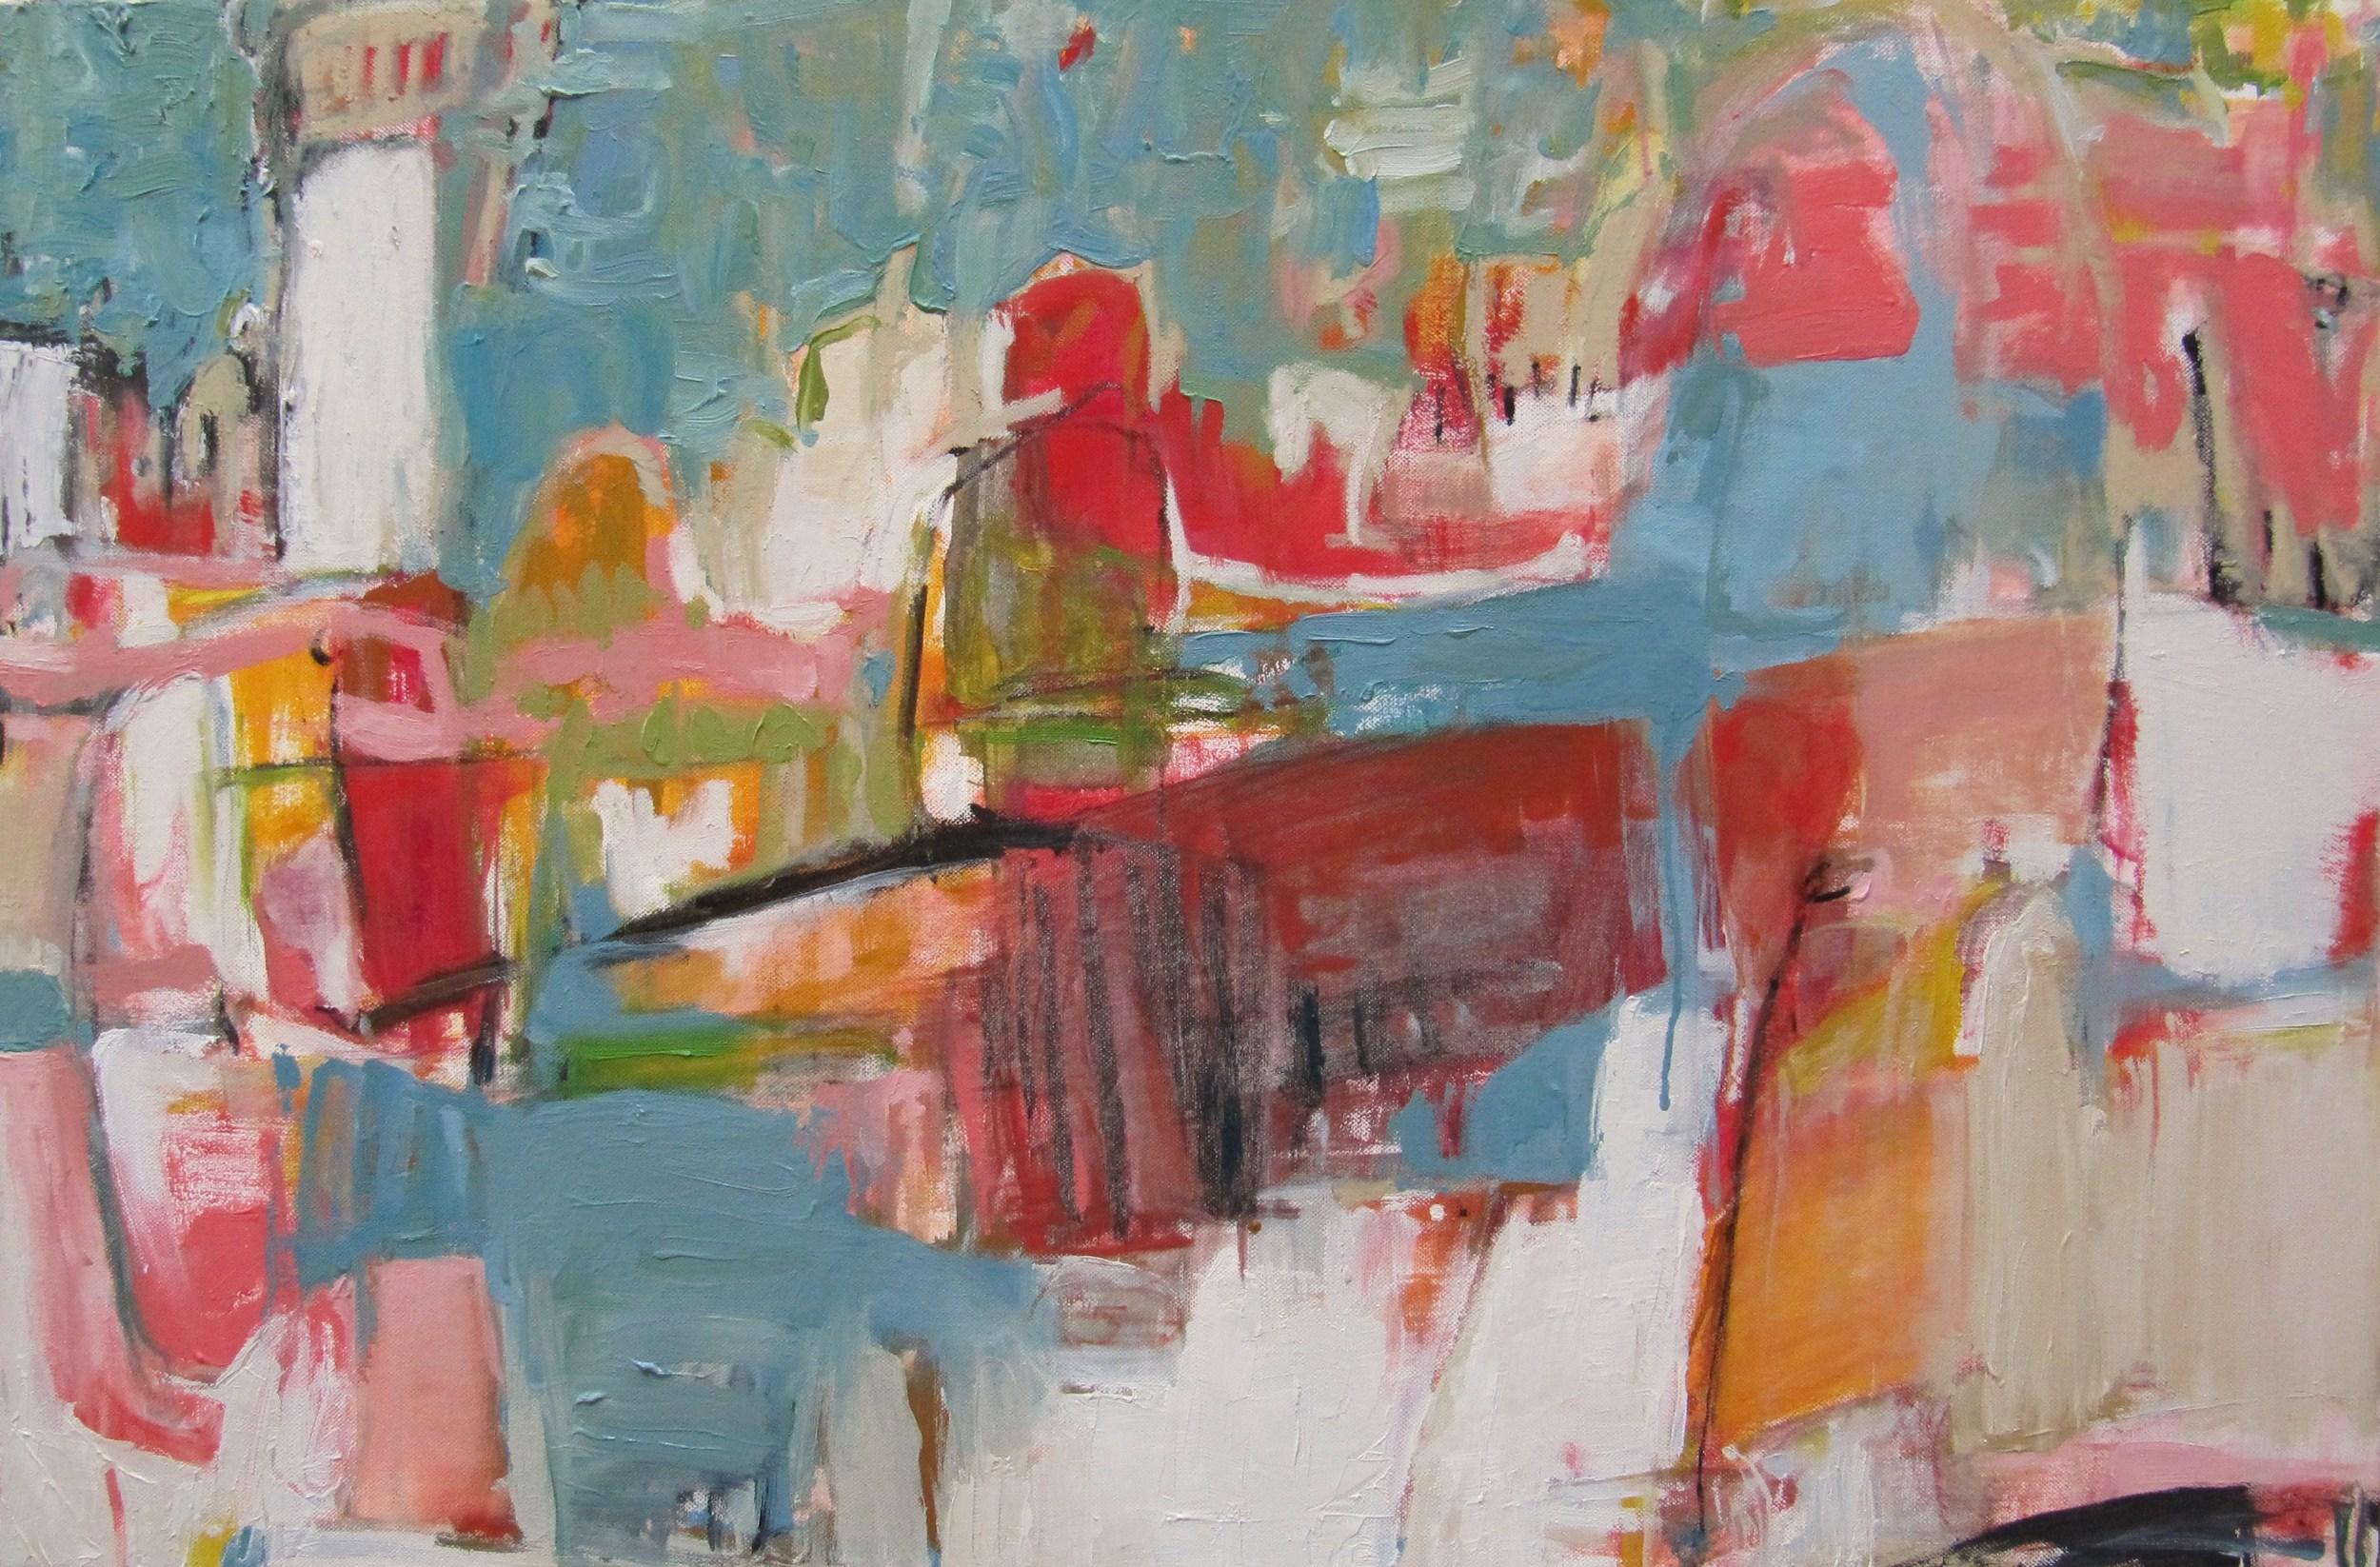 Beachcomber,2009 / Oil on canvas,24 x 36